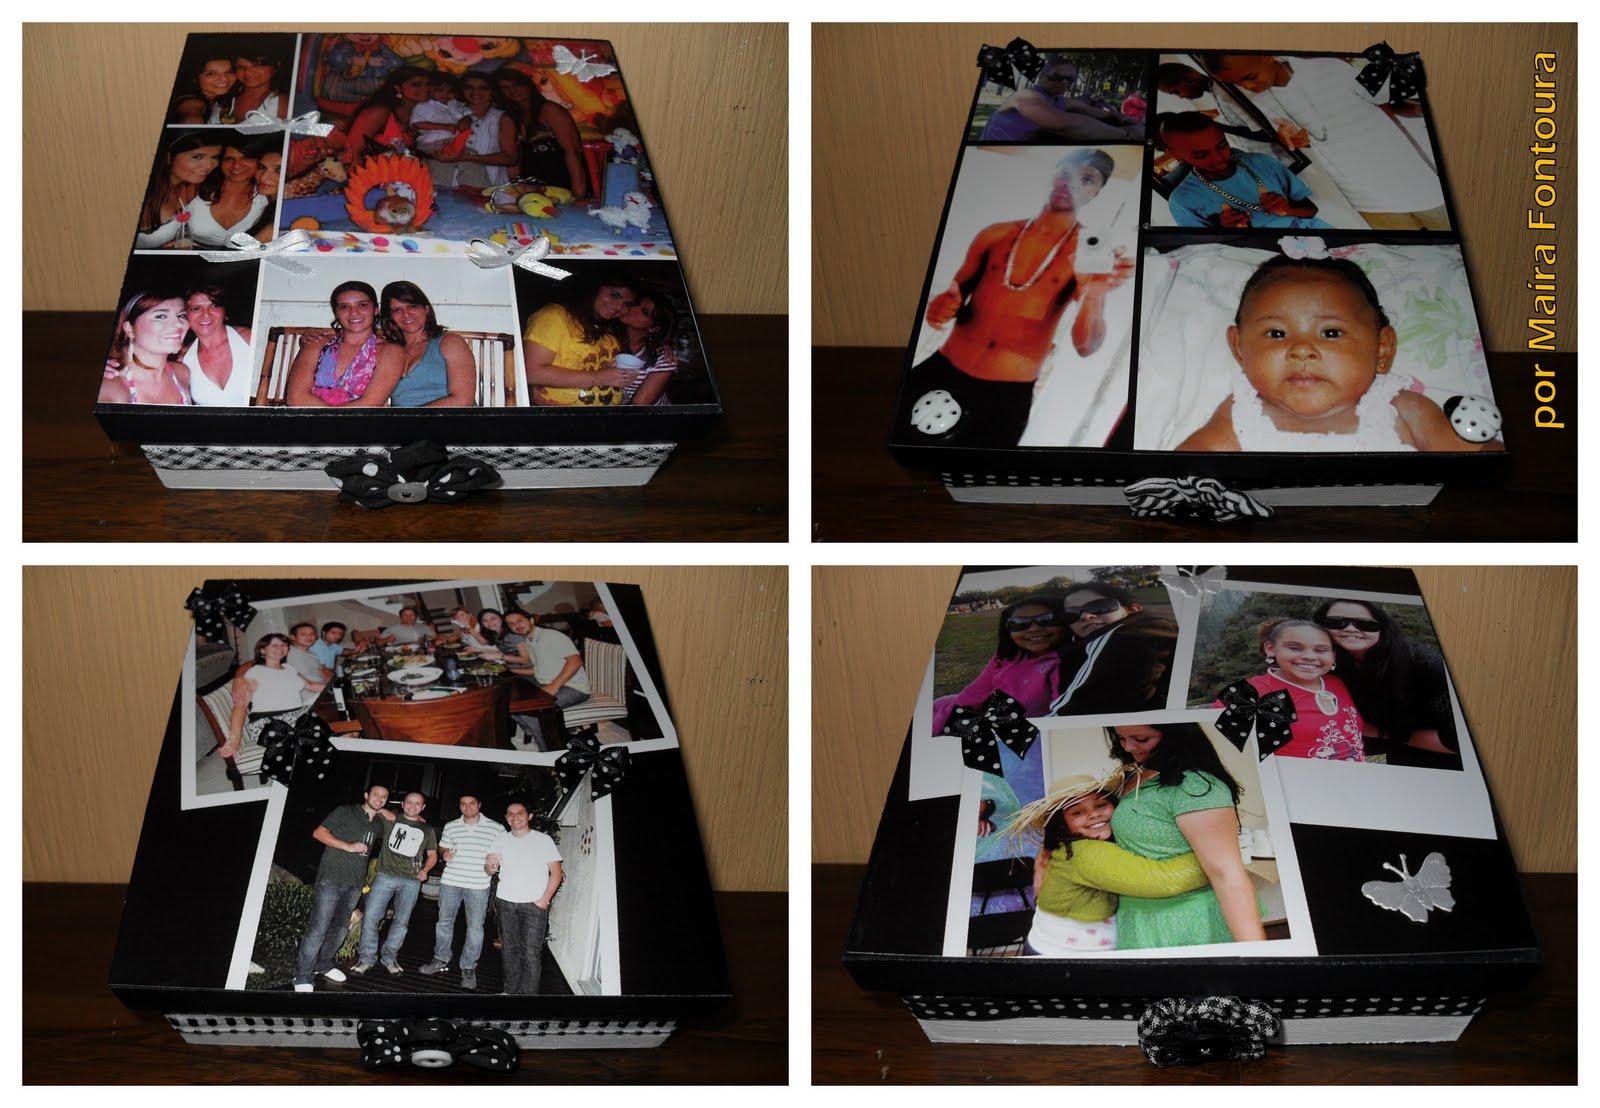 #384A66 Caixa personalizada com foto! 1600x1108 px caixa de madeira personalizada como fazer @ bernauer.info Móveis Antigos Novos E Usados Online